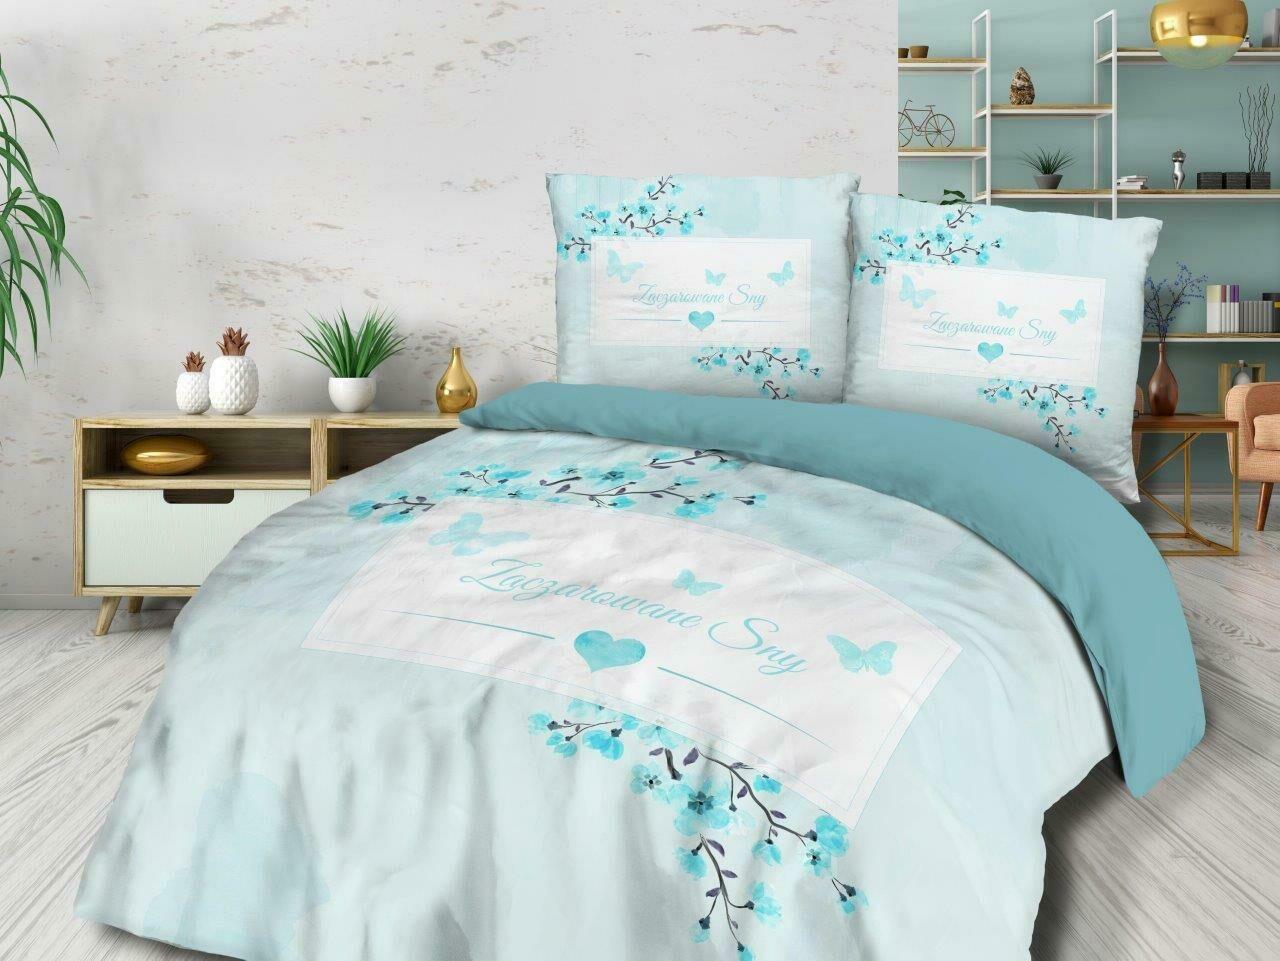 Pościel bawełniana 220x200 61450/1 Zaczarowane sny kwiaty biała niebieska Vintage